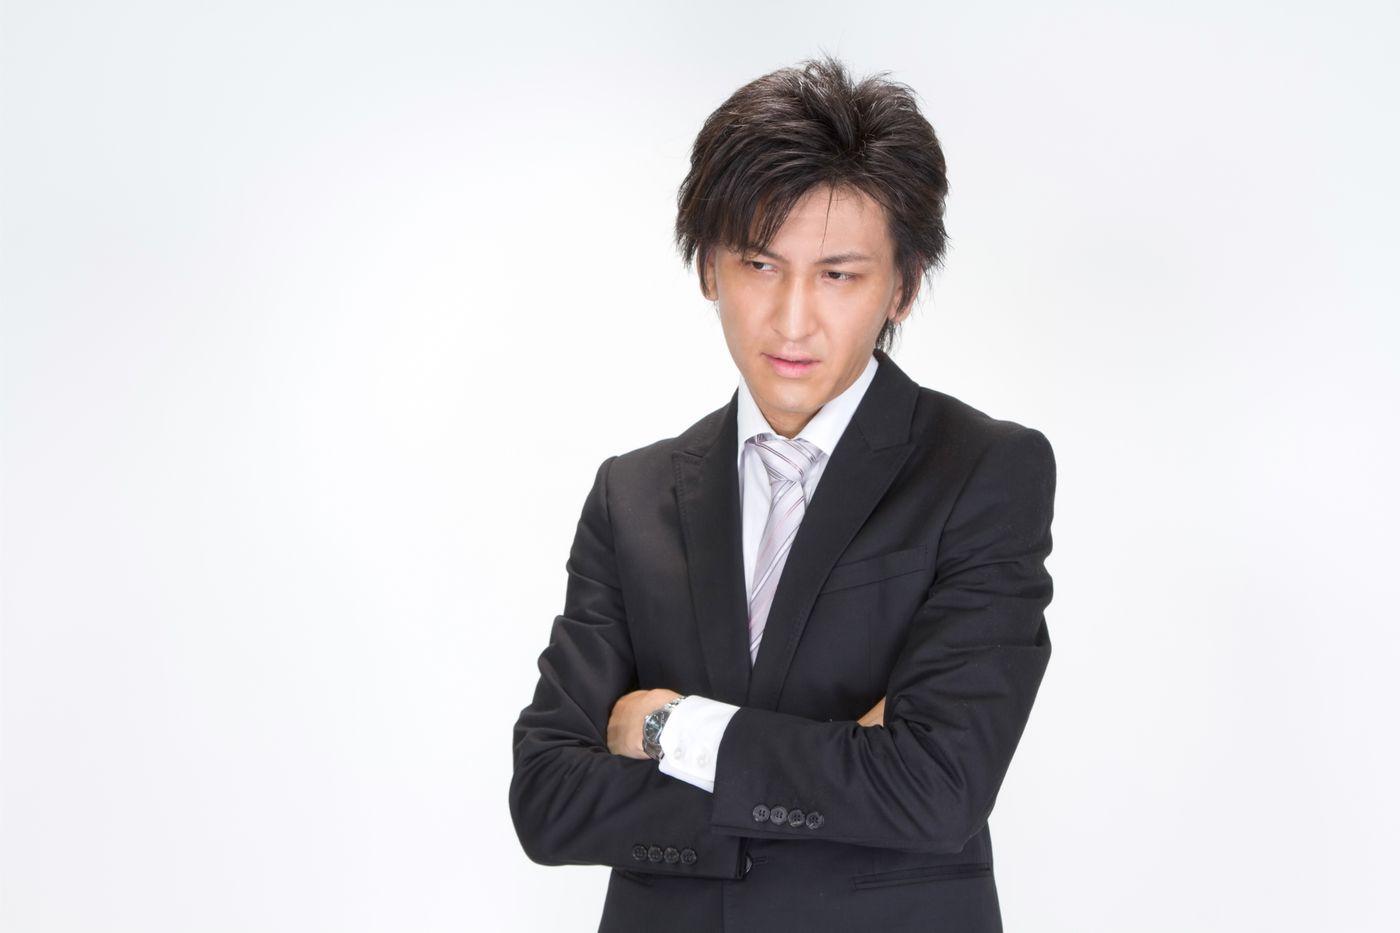 腕を組むビジネスマンの写真